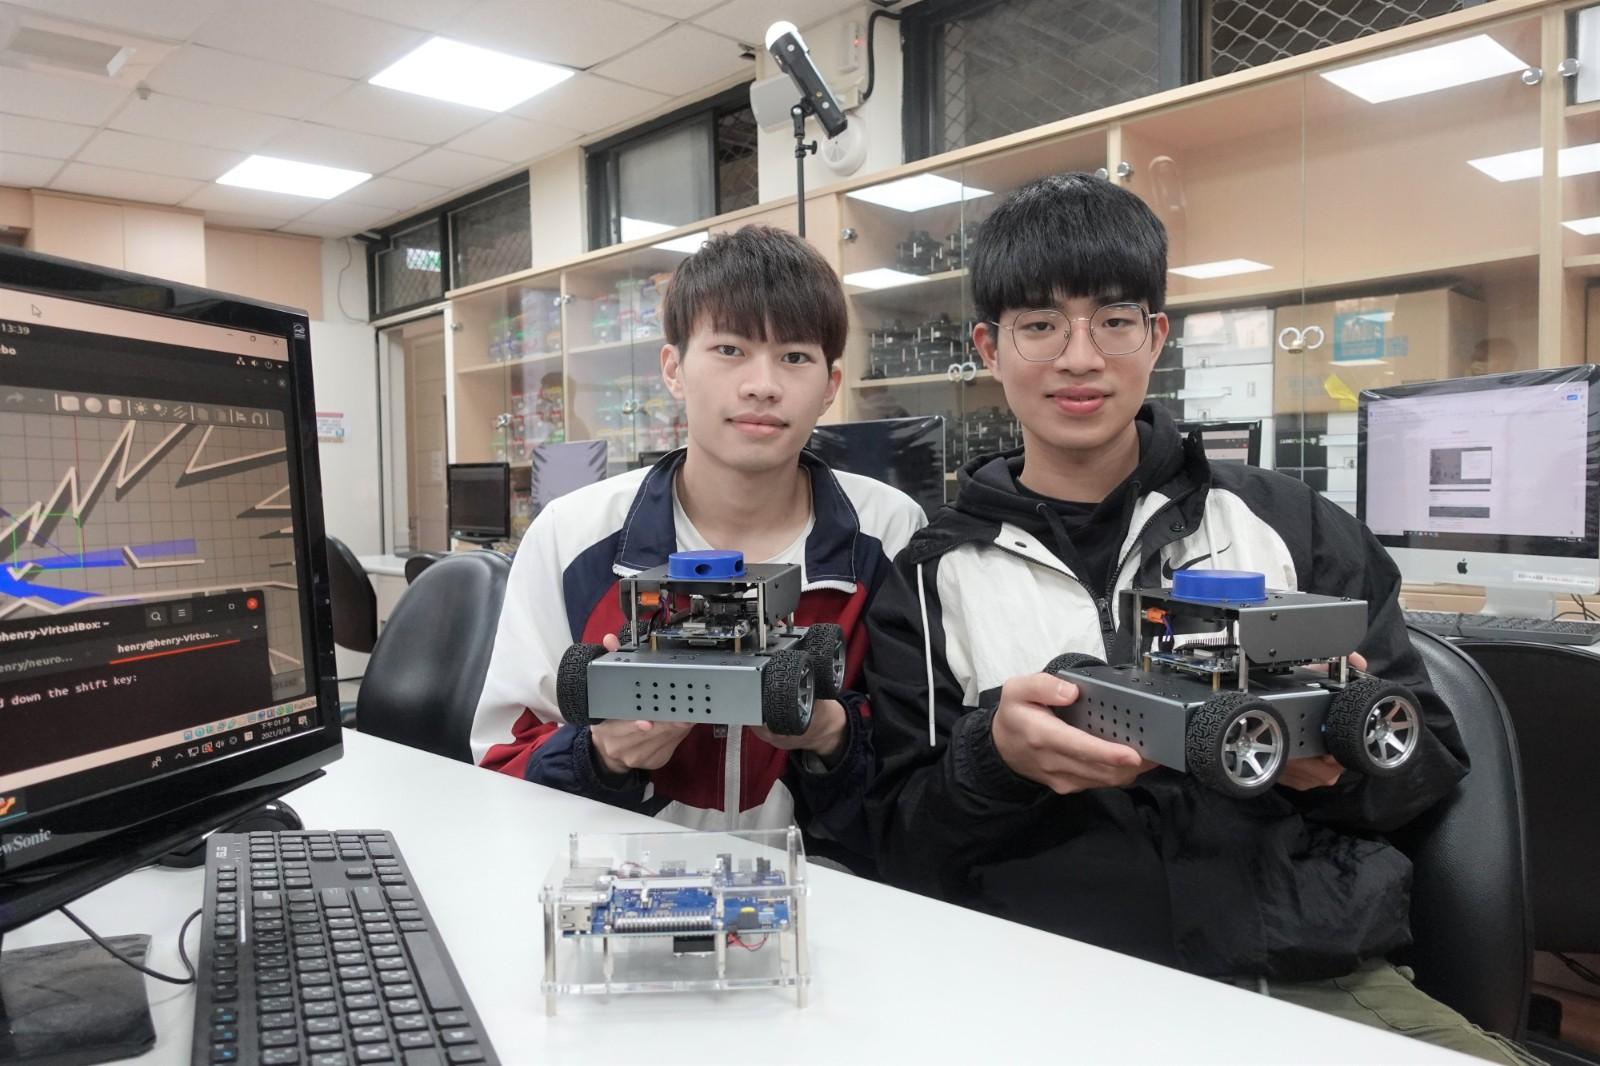 中原大學與科技大廠攜手培育高階技術人才,打造全台首創AI機器人5G專網實驗室。.jpg